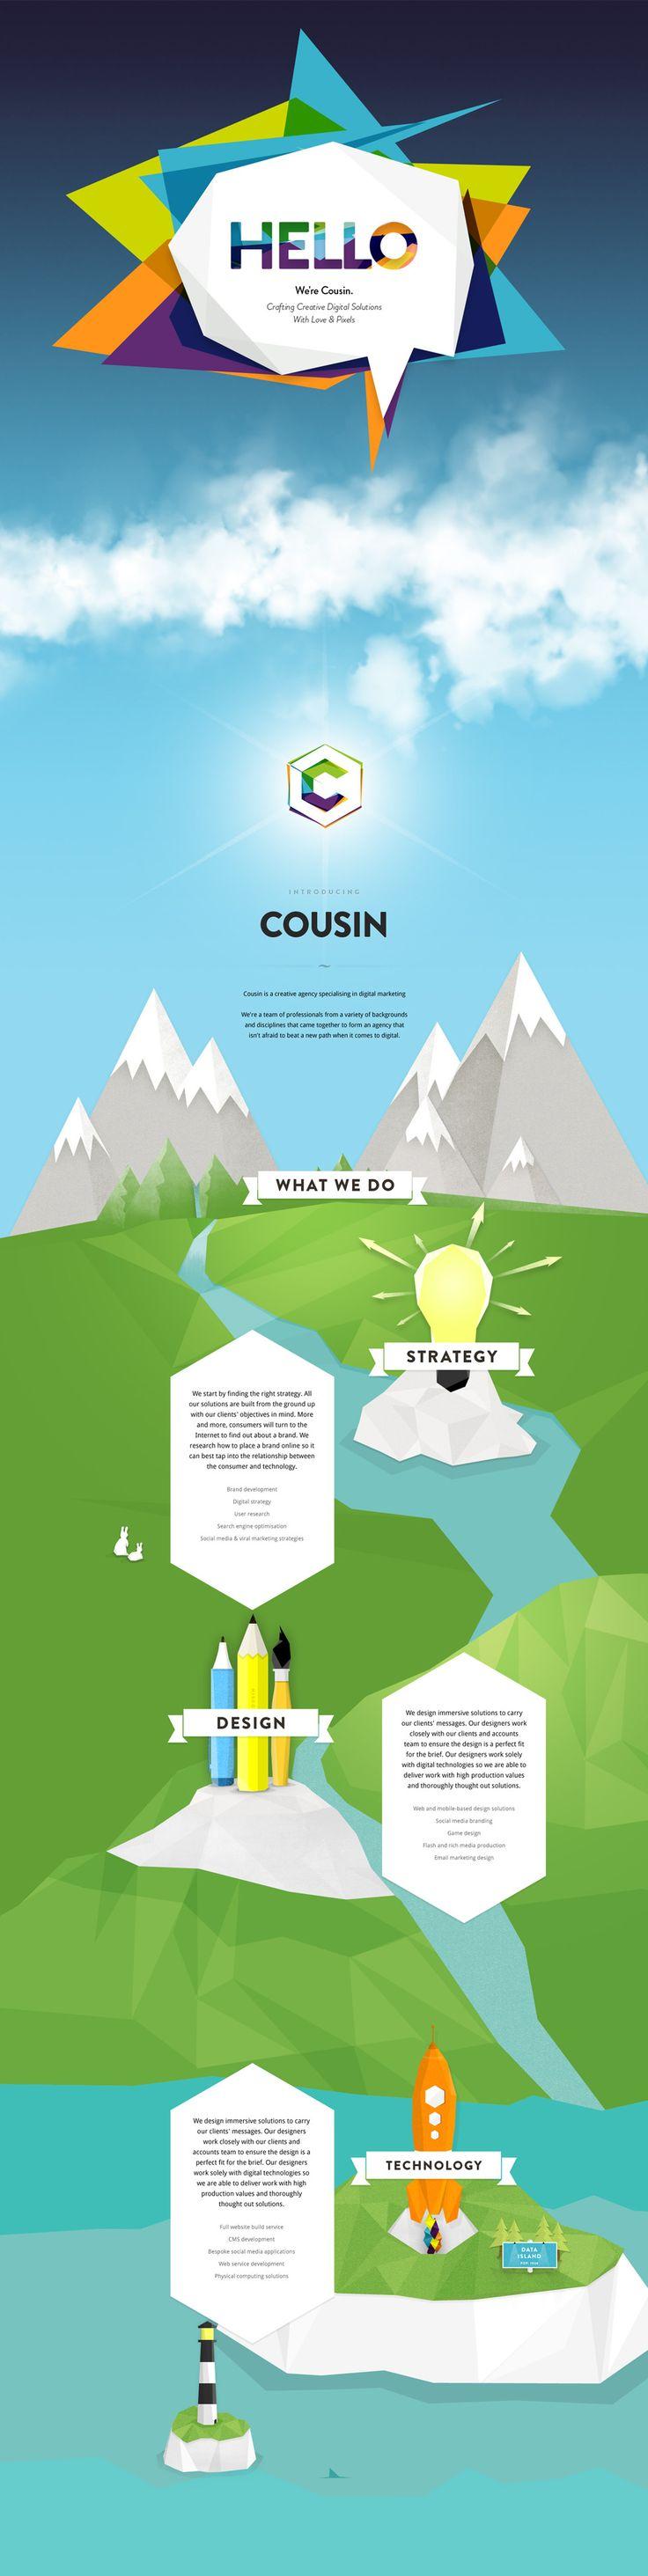 95 best Web Design images on Pinterest | Website designs, Design ...